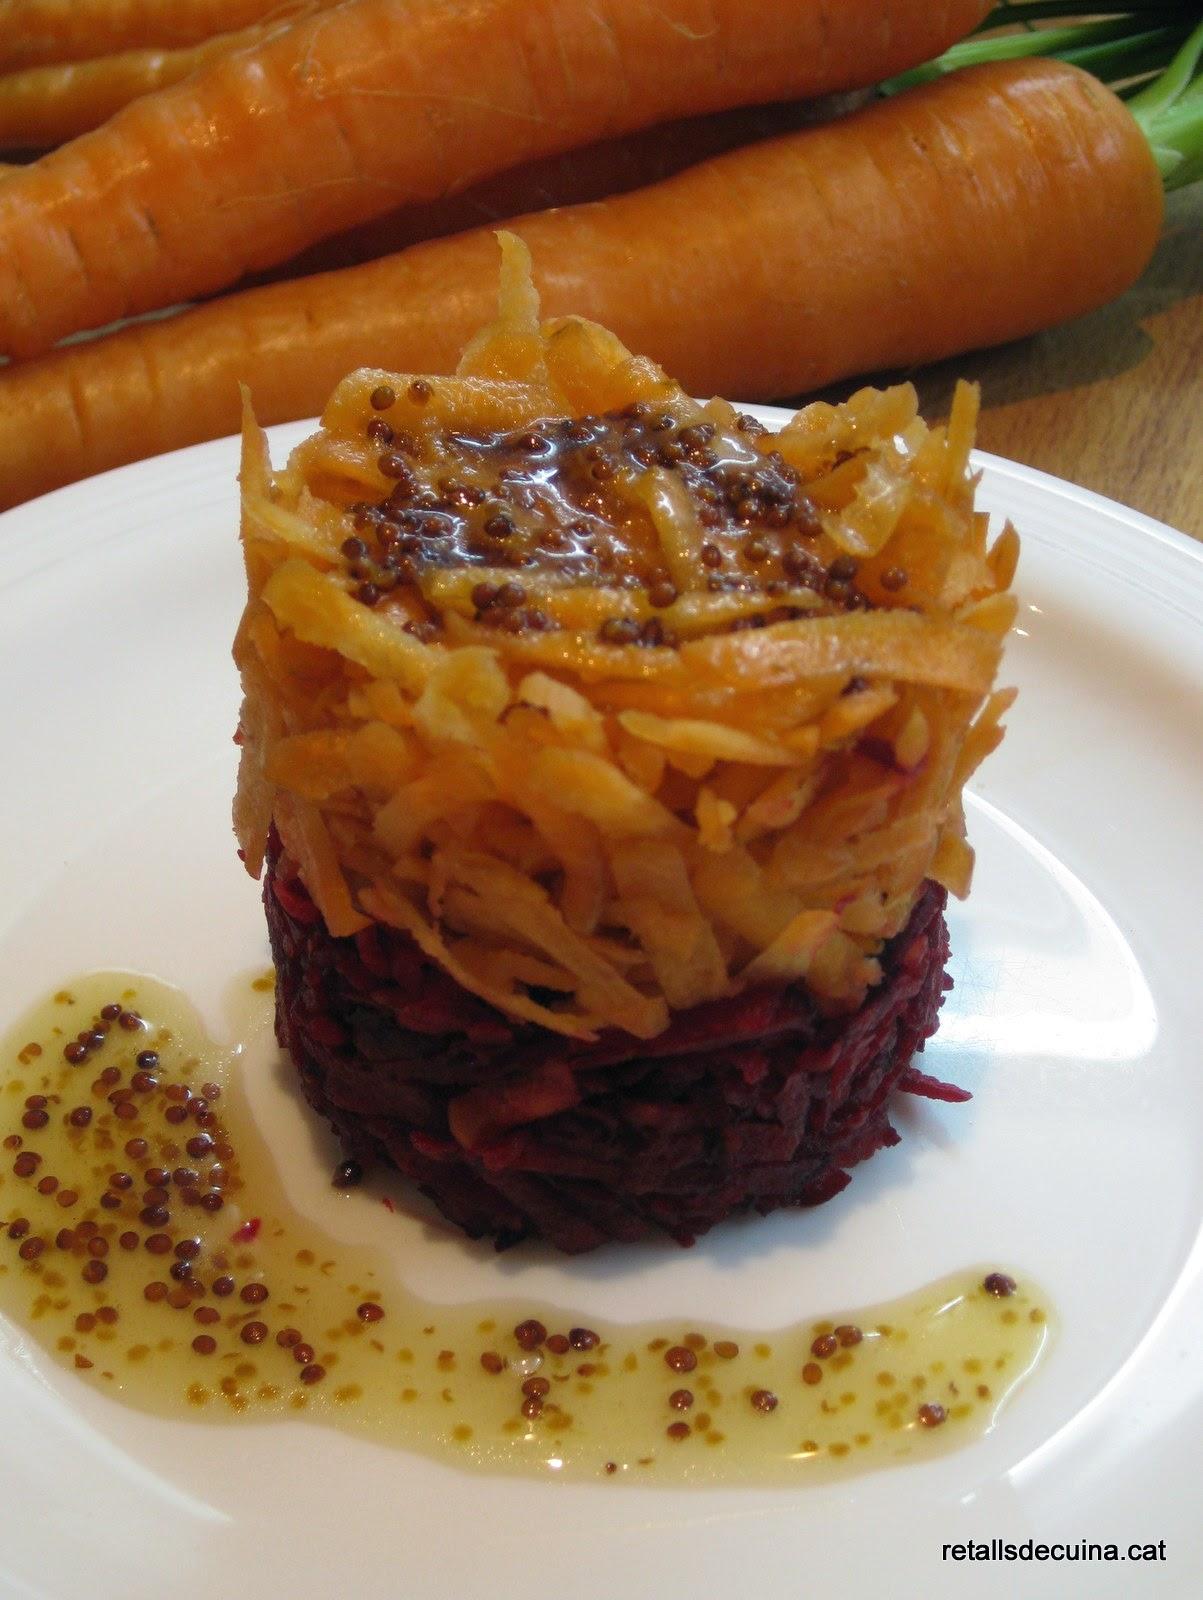 Fals tàrtar de remolatxa i pastanaga